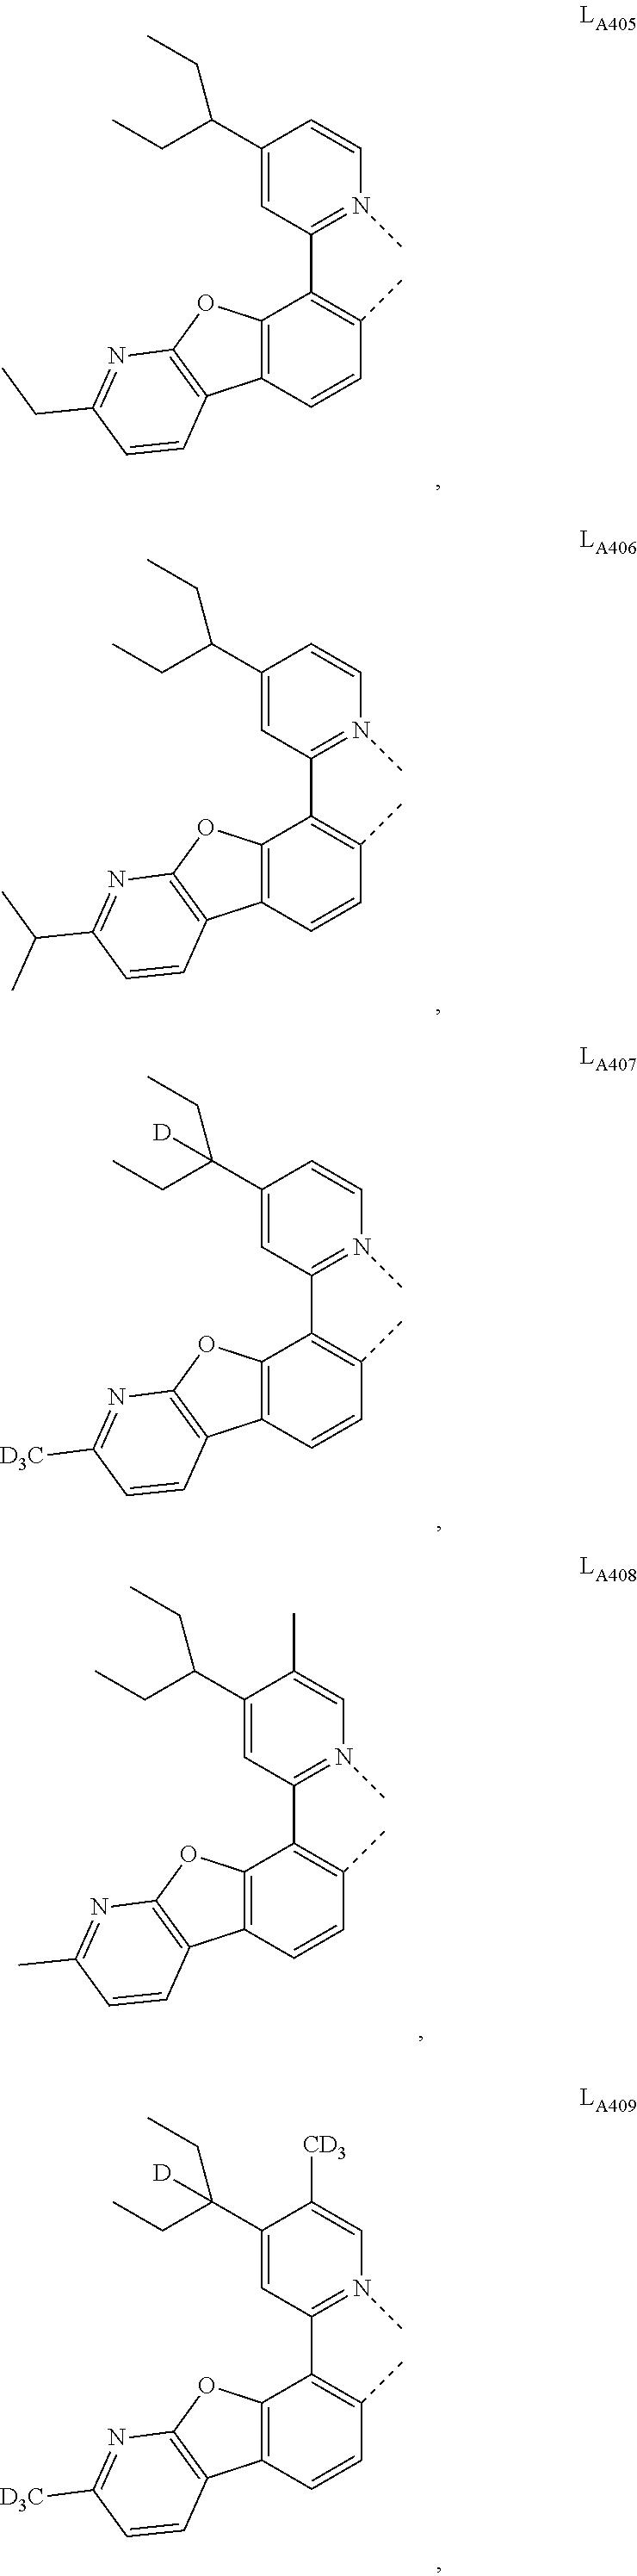 Figure US20160049599A1-20160218-C00488